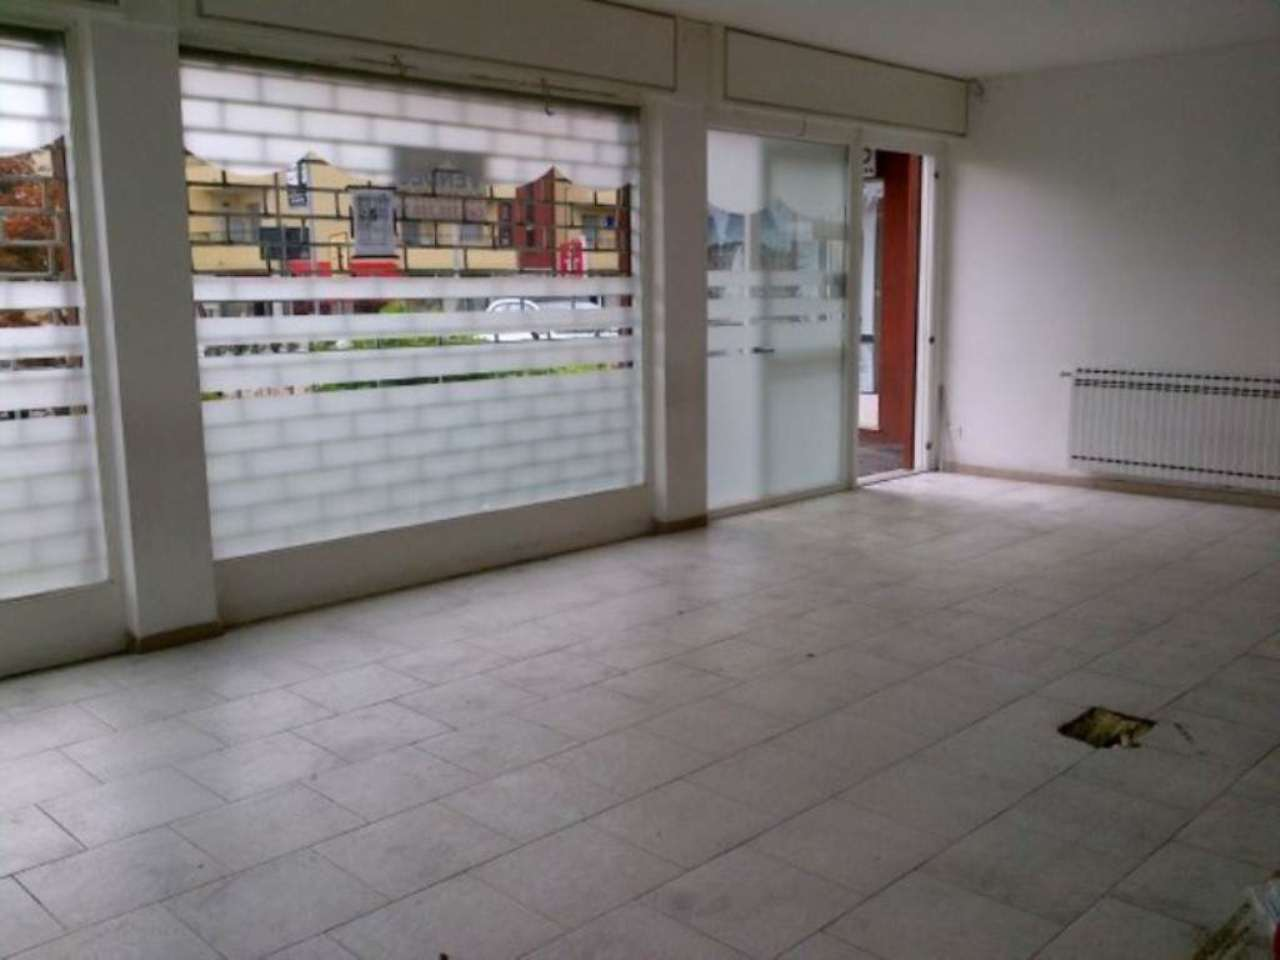 Negozio / Locale in vendita a Villa Guardia, 3 locali, prezzo € 170.000 | Cambio Casa.it